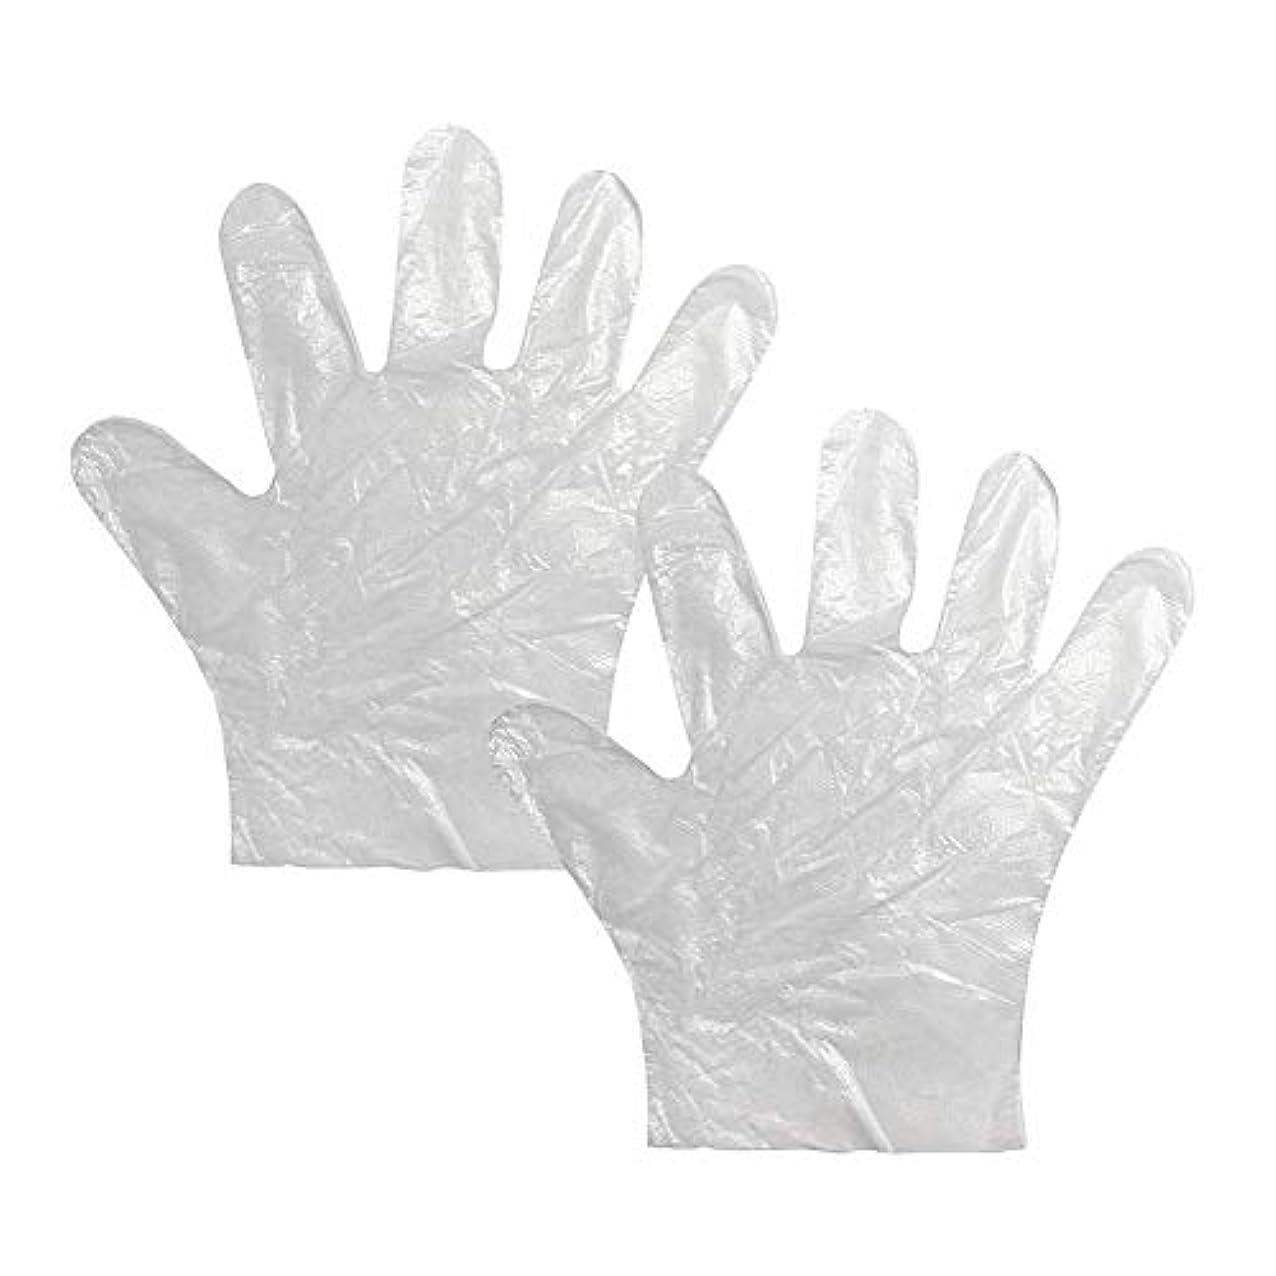 曲酸化物馬鹿使い捨て手袋 極薄ビニール手袋 ポリエチレン 透明 実用 衛生 100枚*2セット